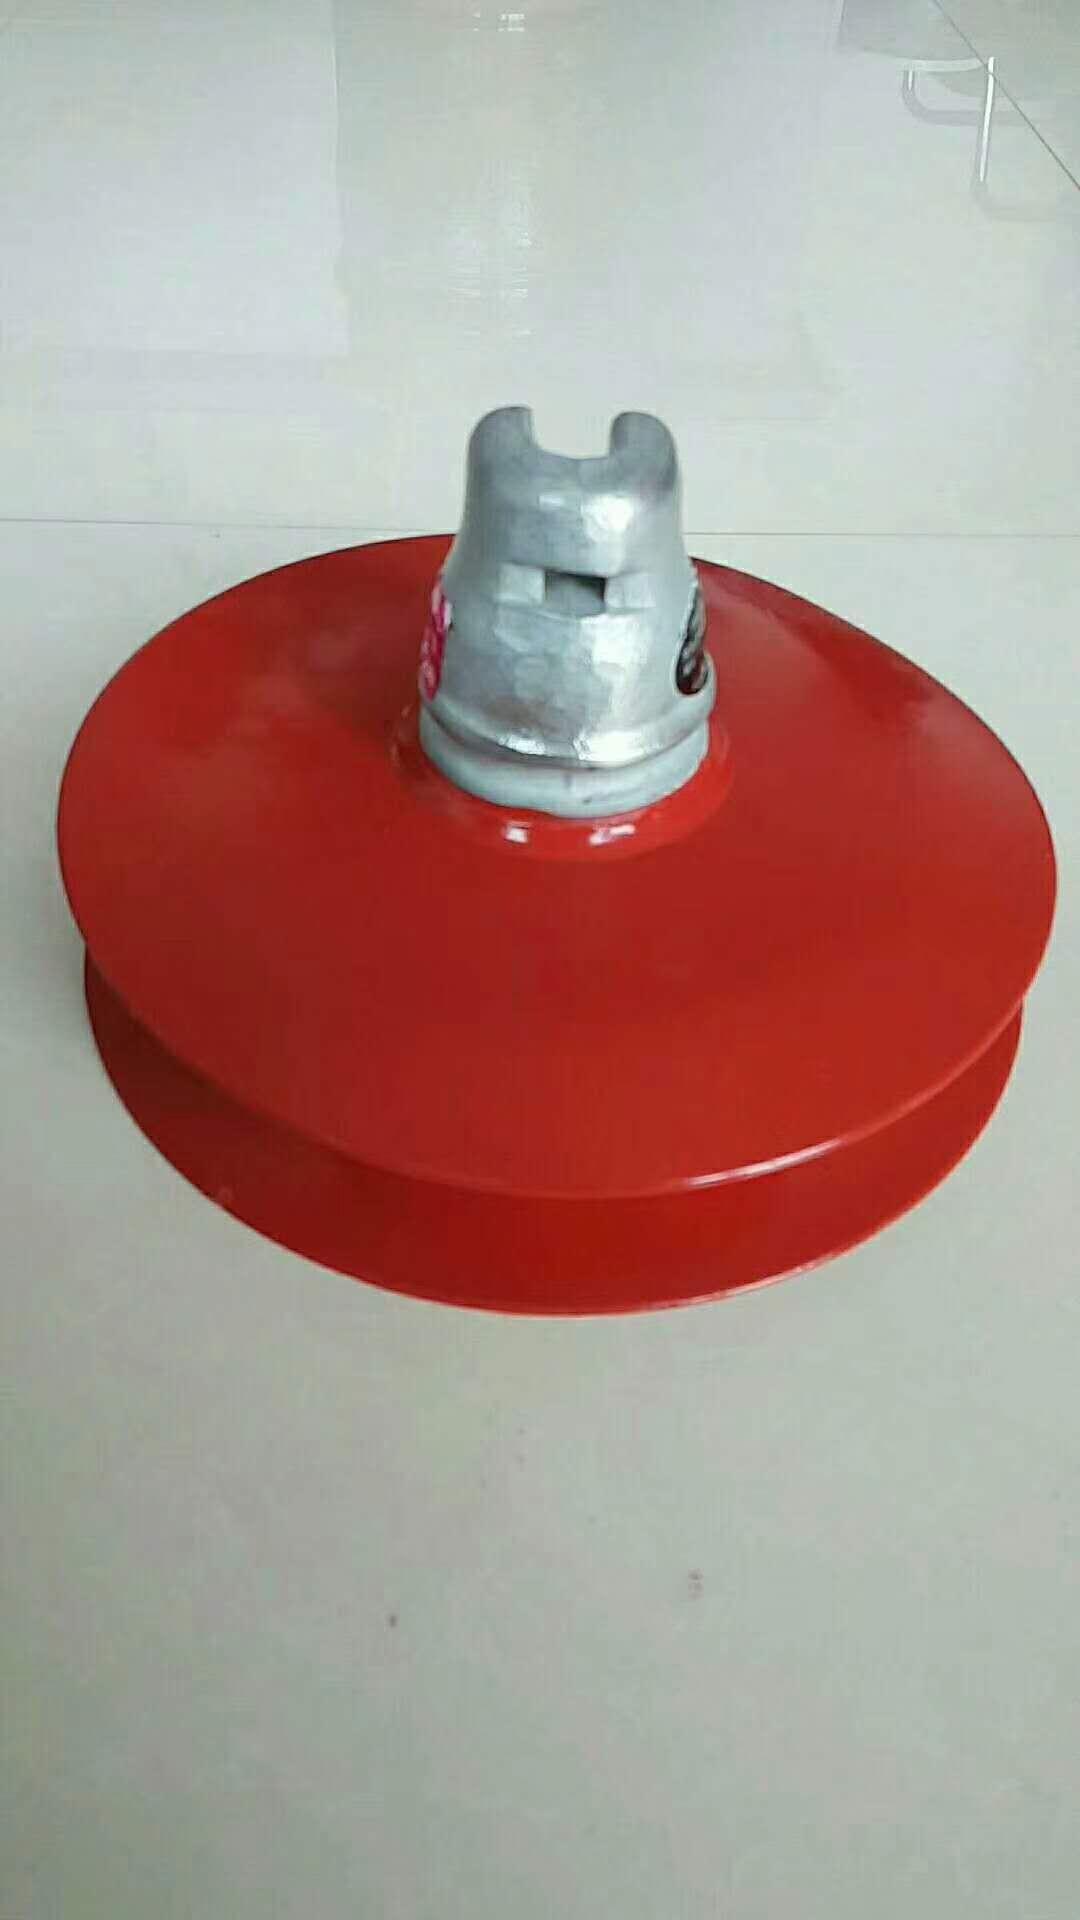 盘型悬式绝缘子FXWP-120 FU-120 FXWP-12